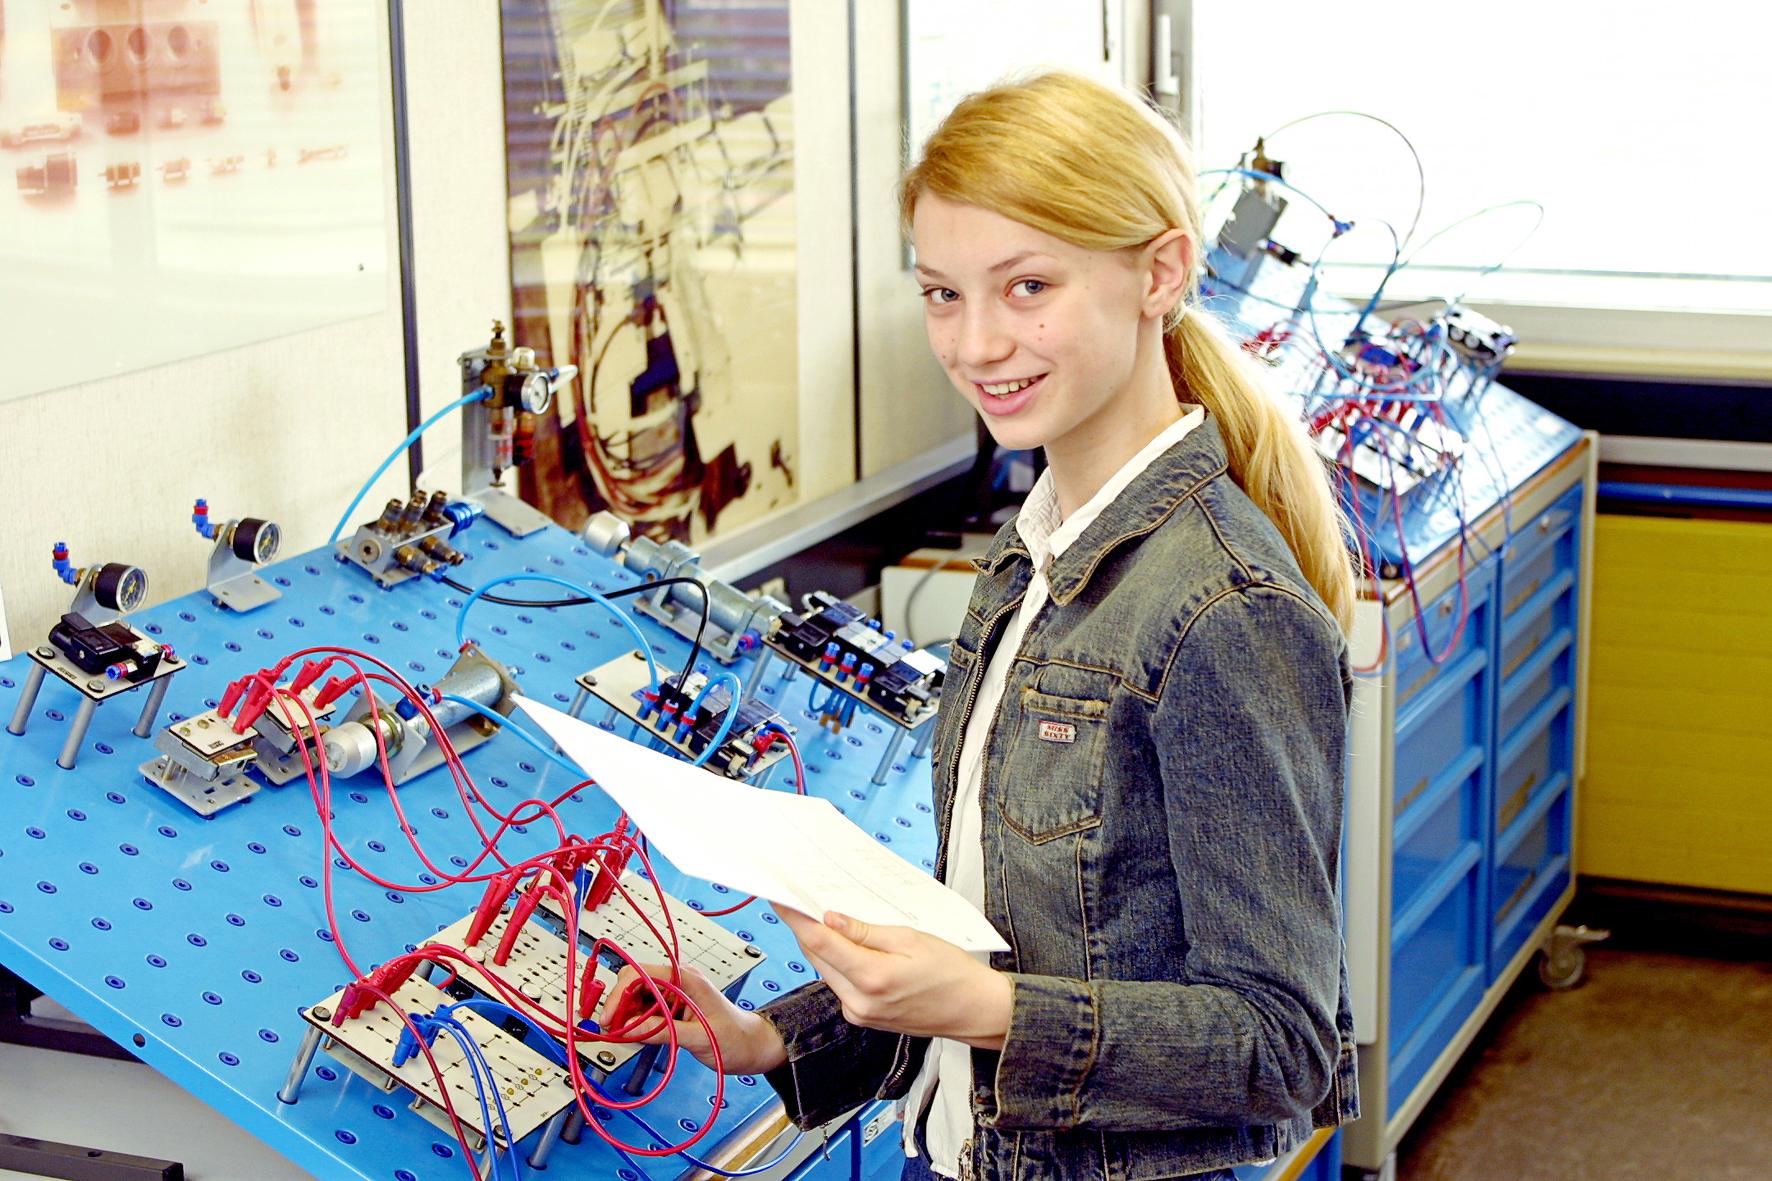 Regionaler MINT-Verbund Science@Seas startet: Jetzt anmelden zu den ersten Angeboten für Schülerinnen und Schüler